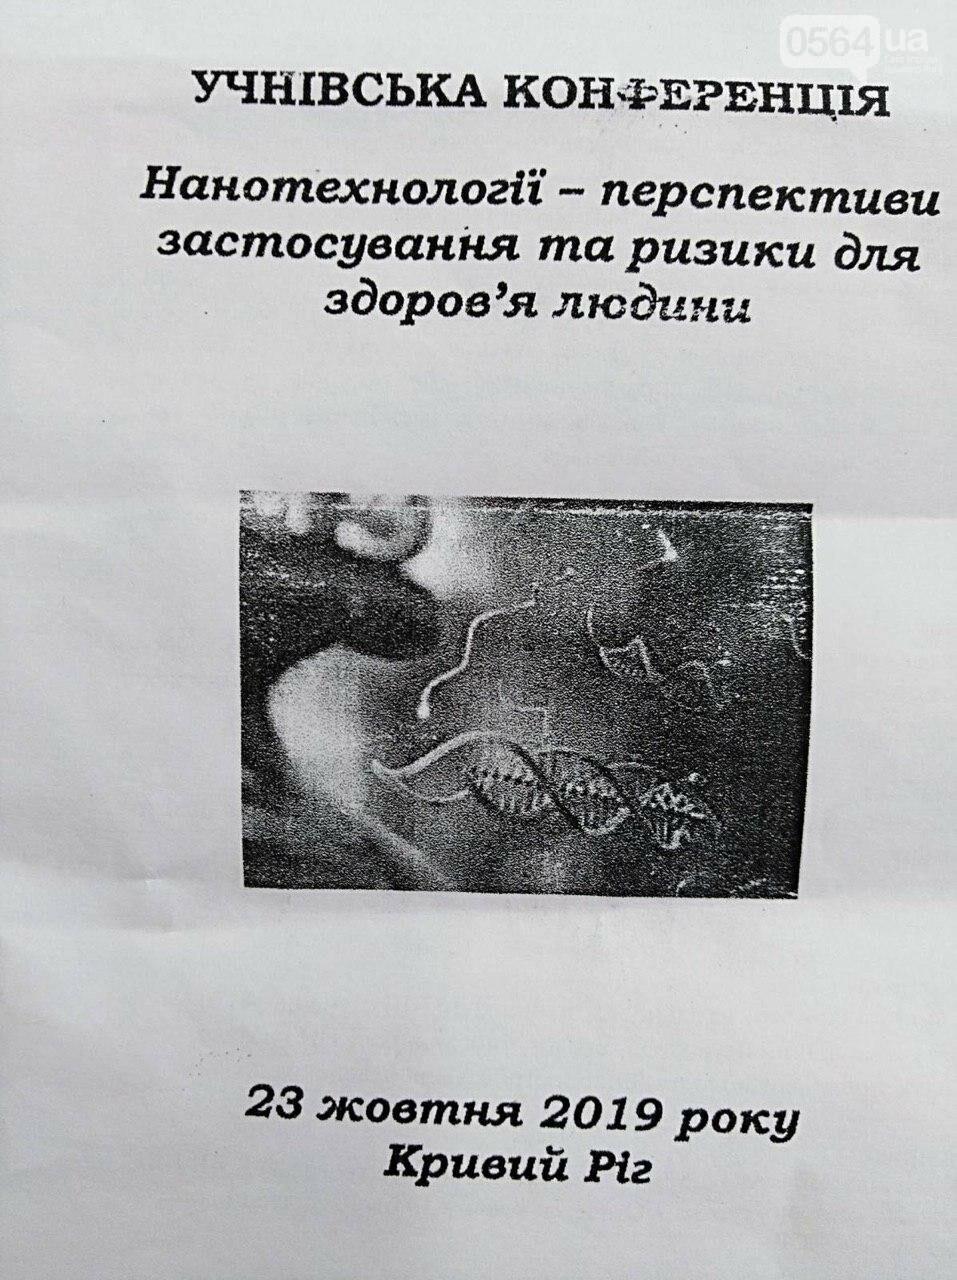 Школьники хотят привлечь внимание криворожан к решению проблем собственного здоровья, - ФОТО , фото-6